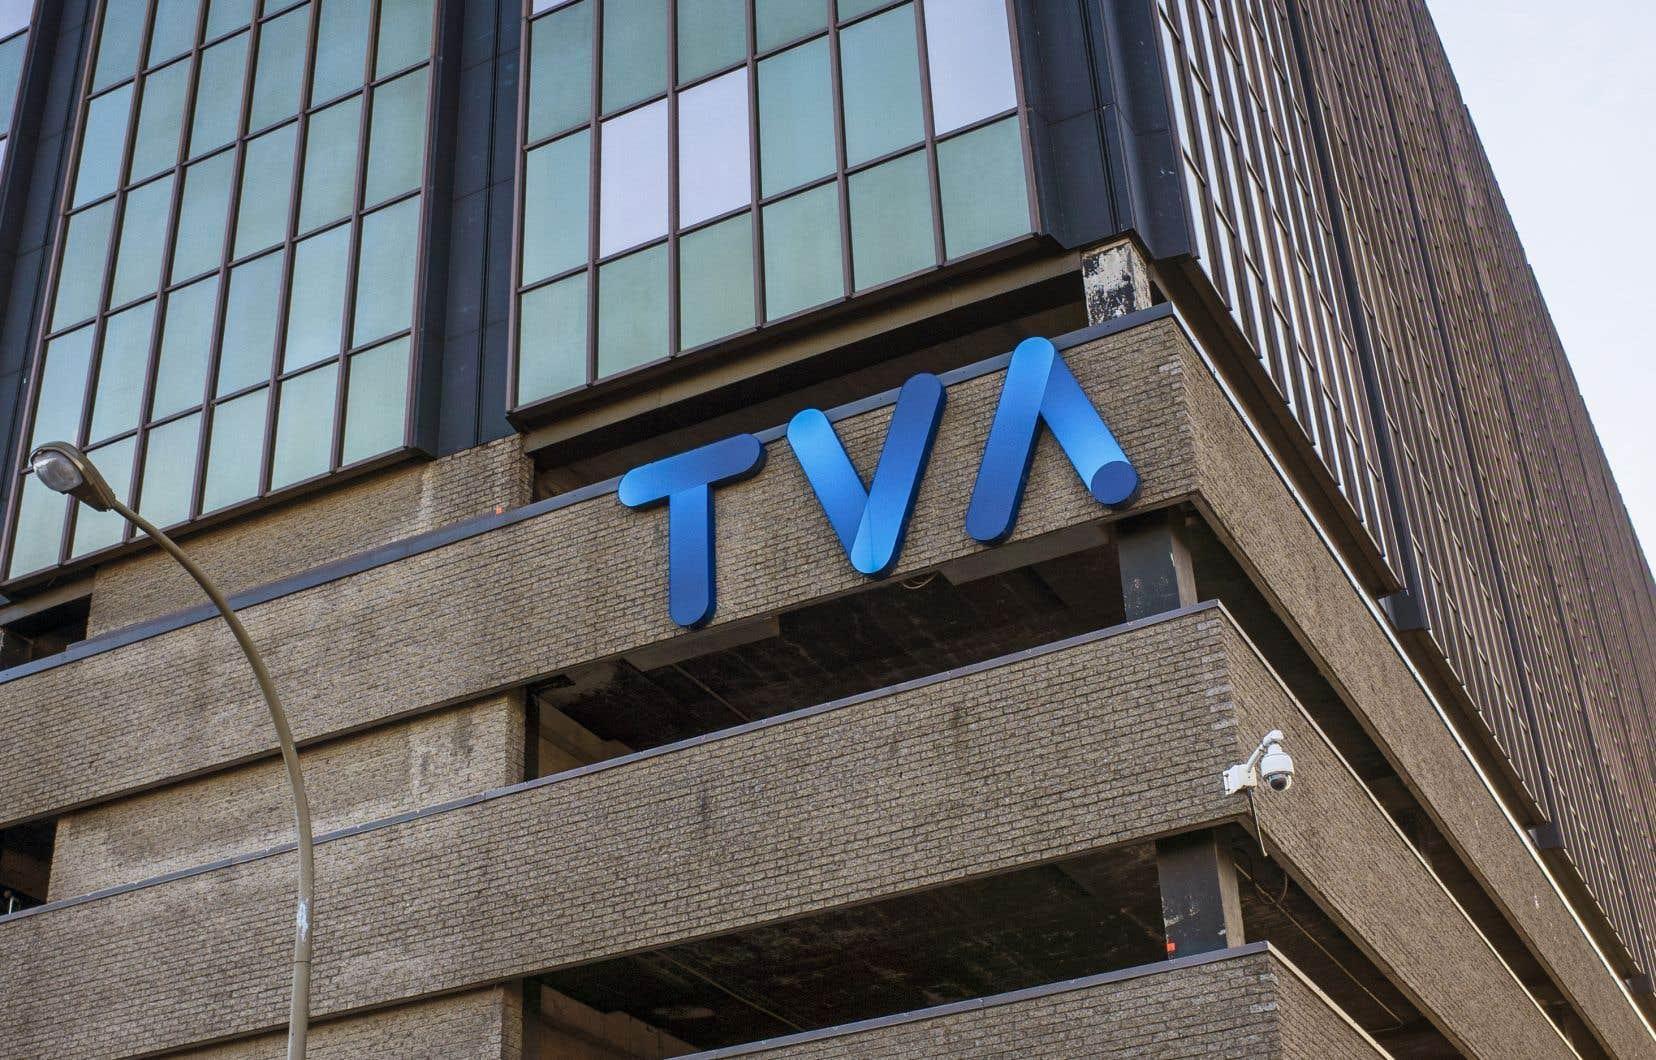 Le Groupe TVA détient et exploite six stations du réseau de télé TVA, de même que les chaînes spécialisées LCN, Addiktv, Argent, Prise 2, Casa, Yoopa, Moi&Cie et TVA Sports.